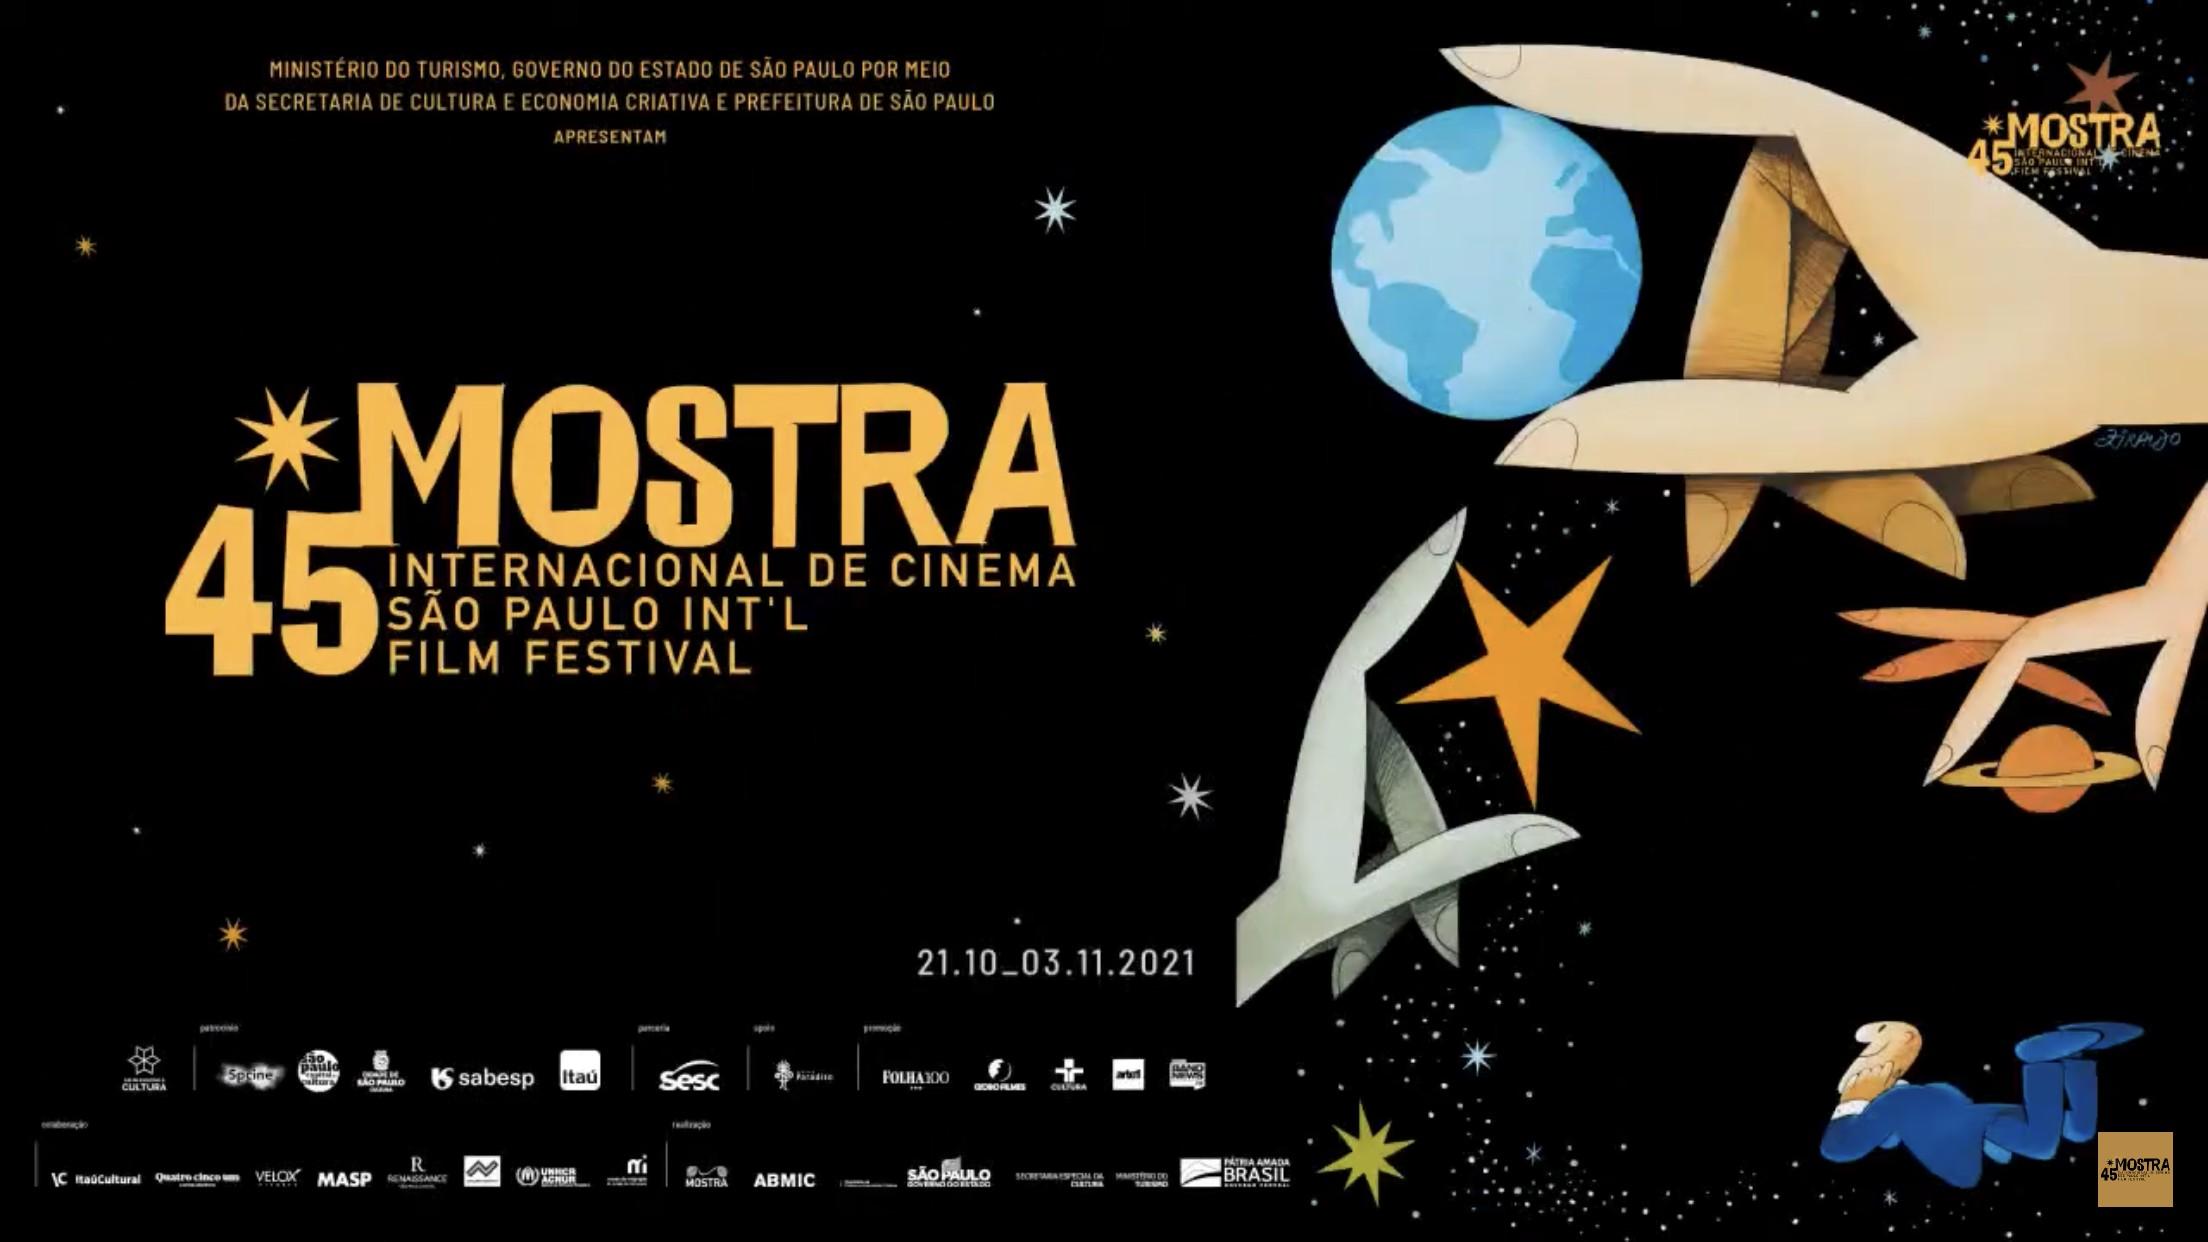 45ª Mostra Internacional de Cinema de São Paulo começa nesta quinta com opção de sessões presenciais e virtuais